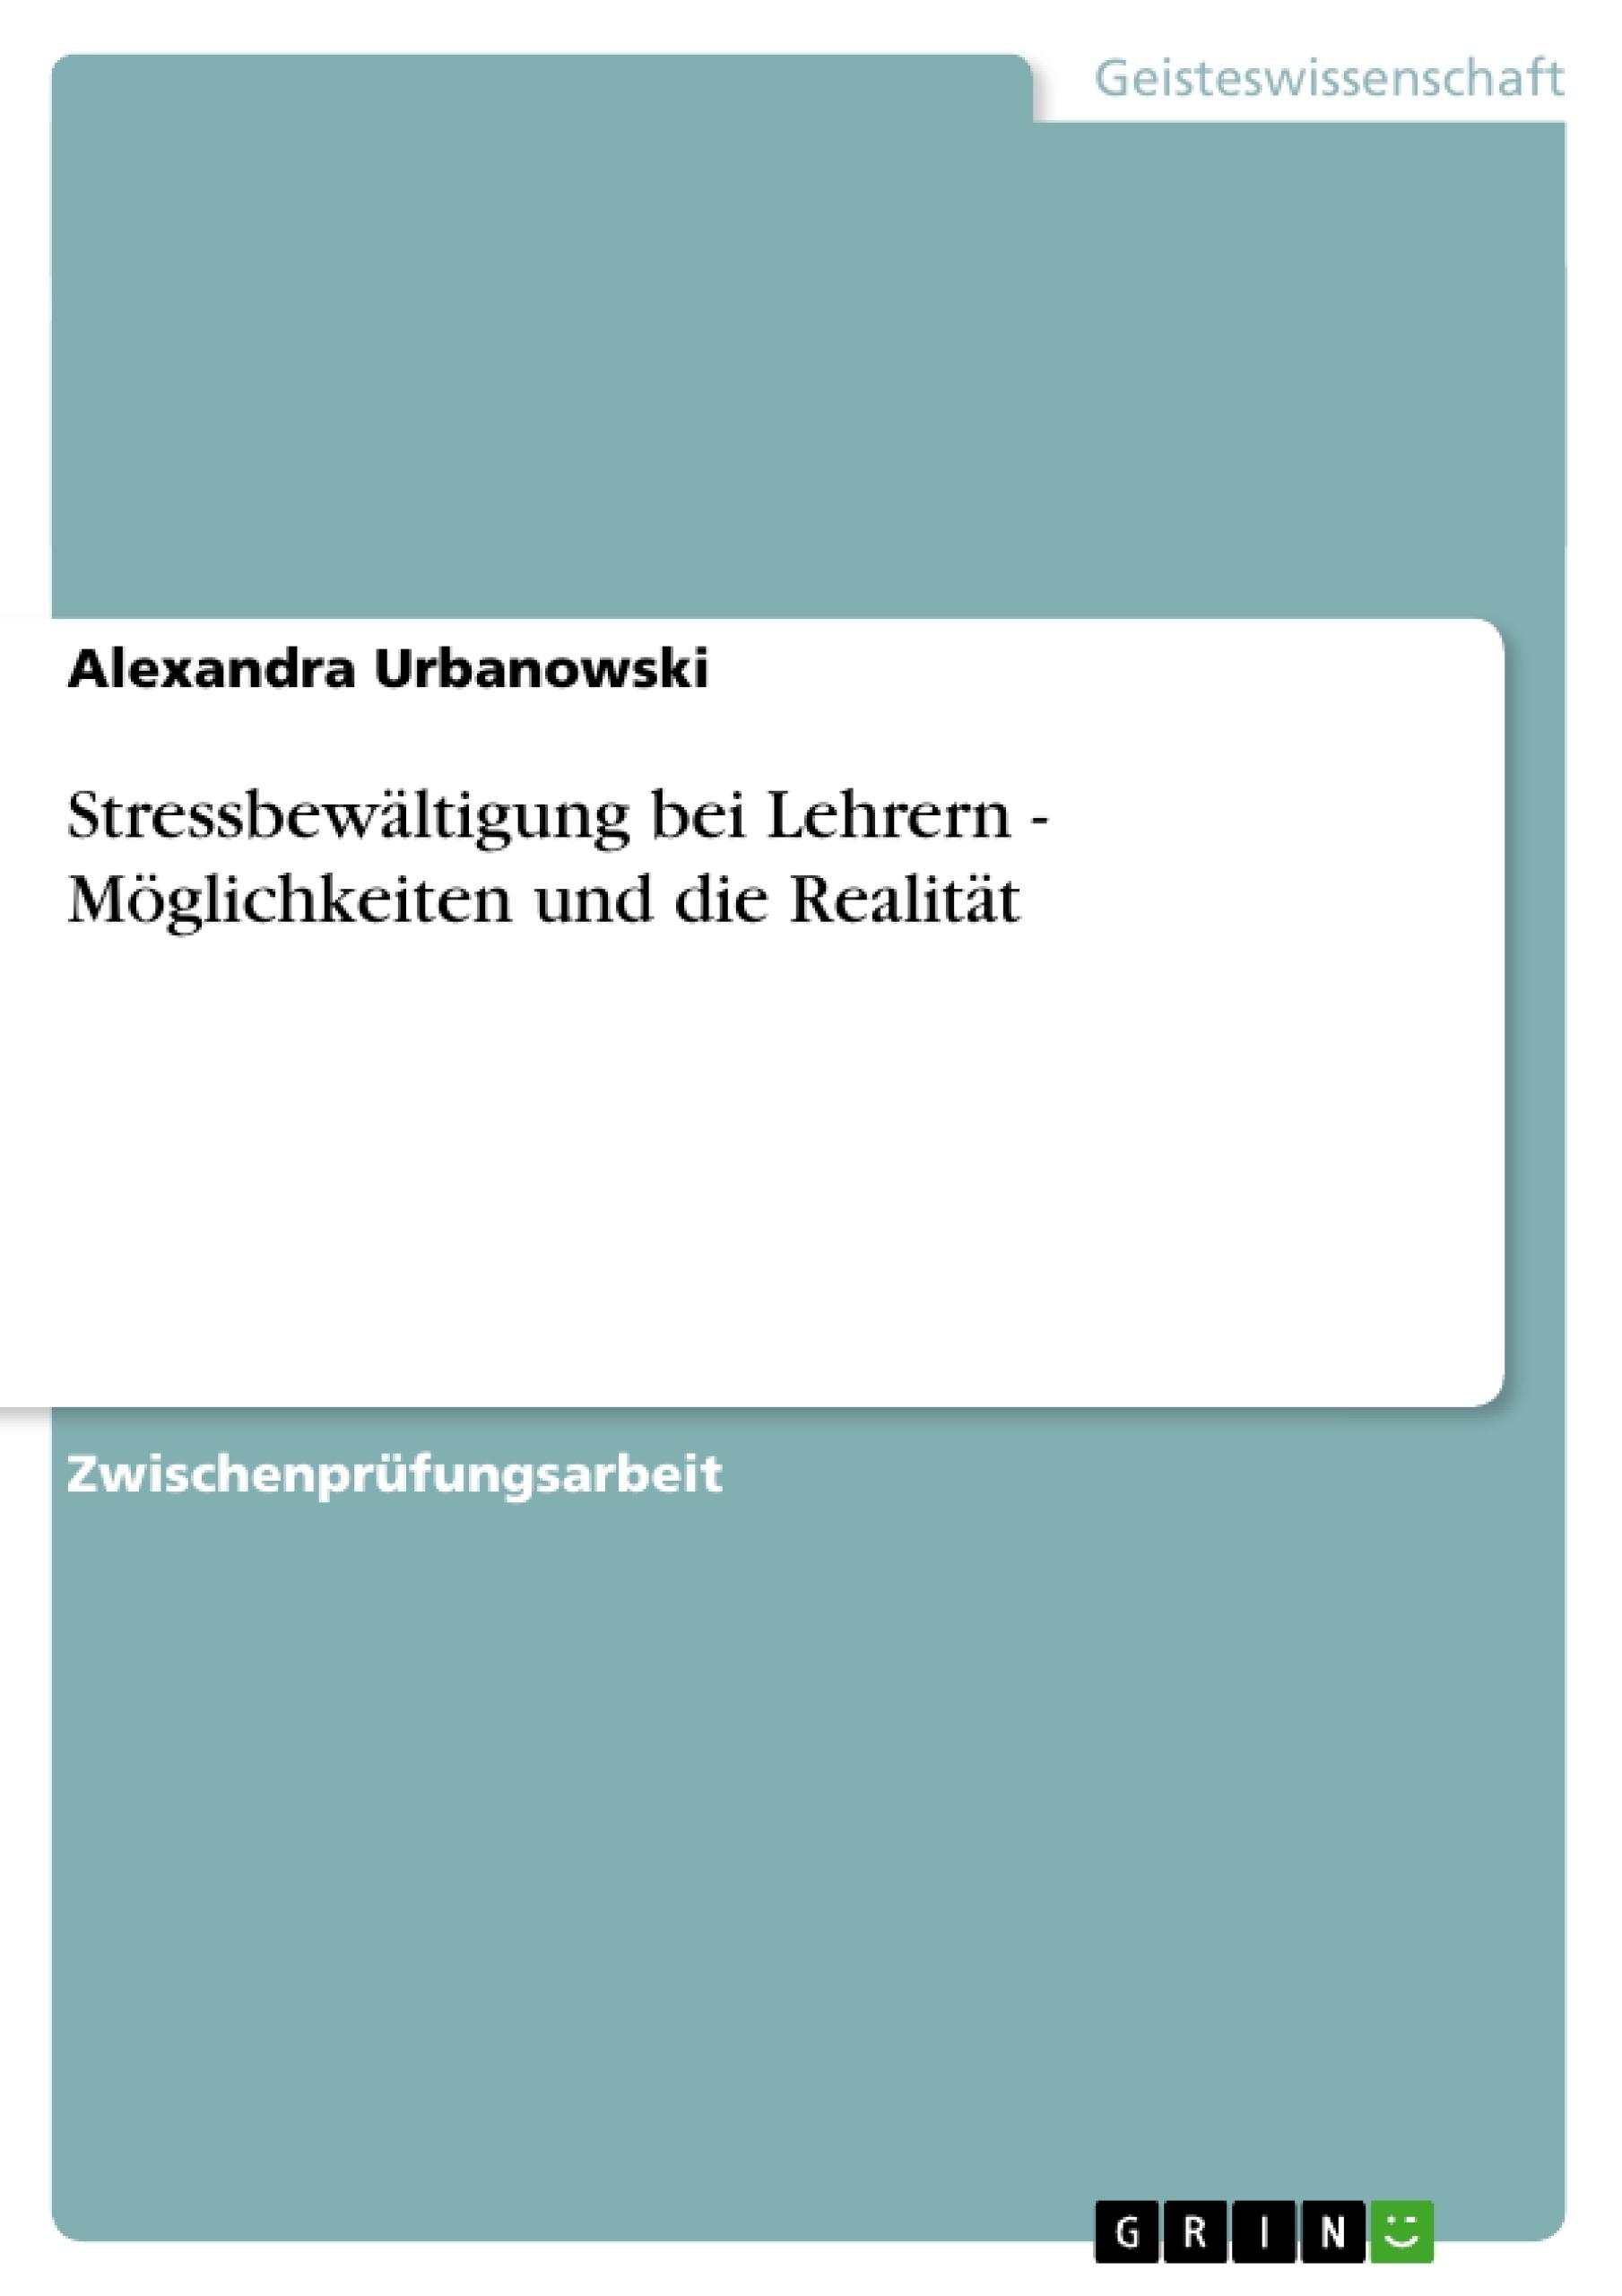 Titel: Stressbewältigung bei Lehrern - Möglichkeiten und die Realität